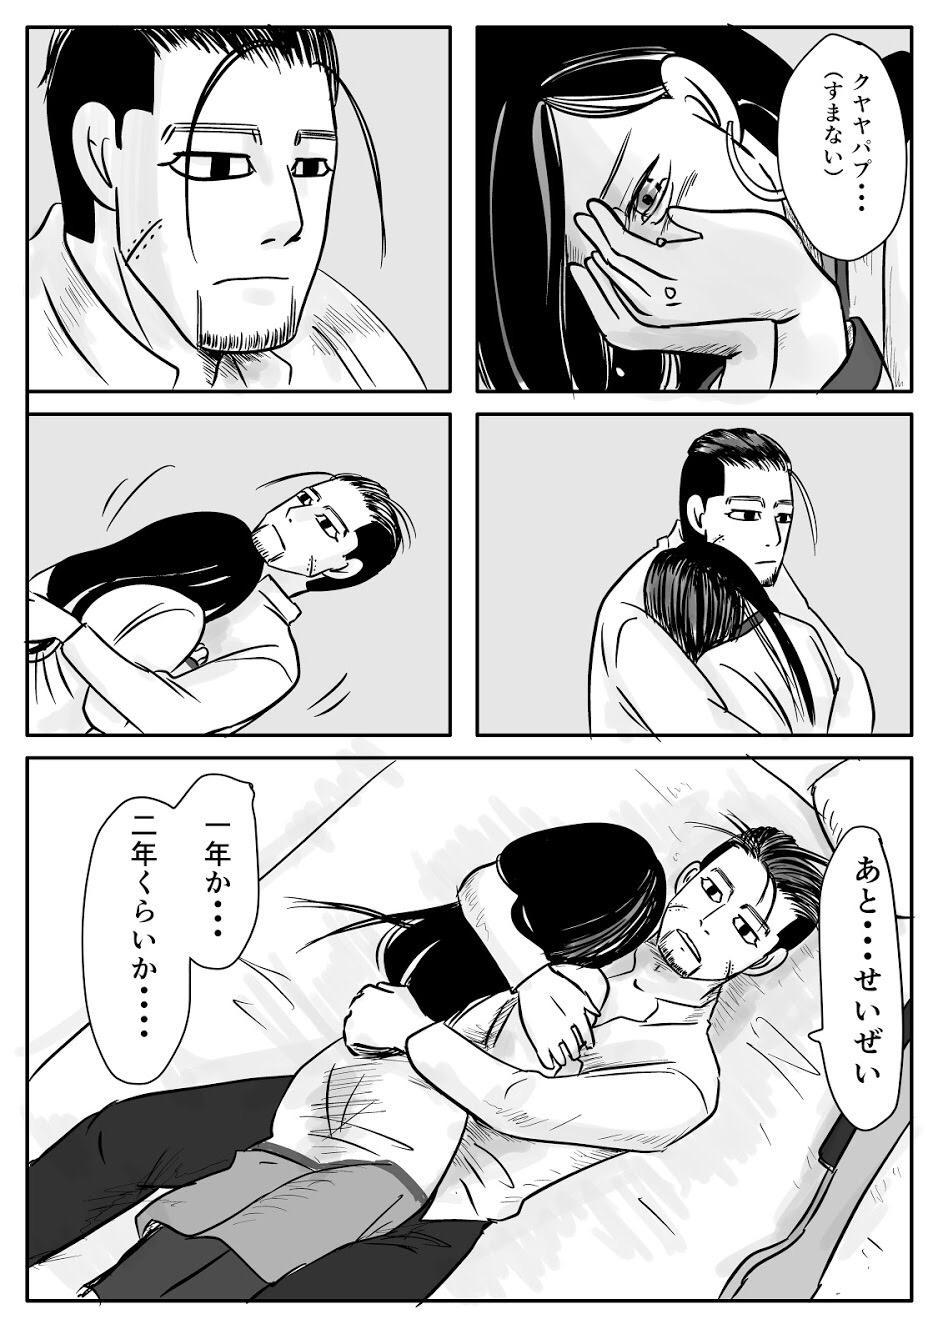 Toko no Koto 13